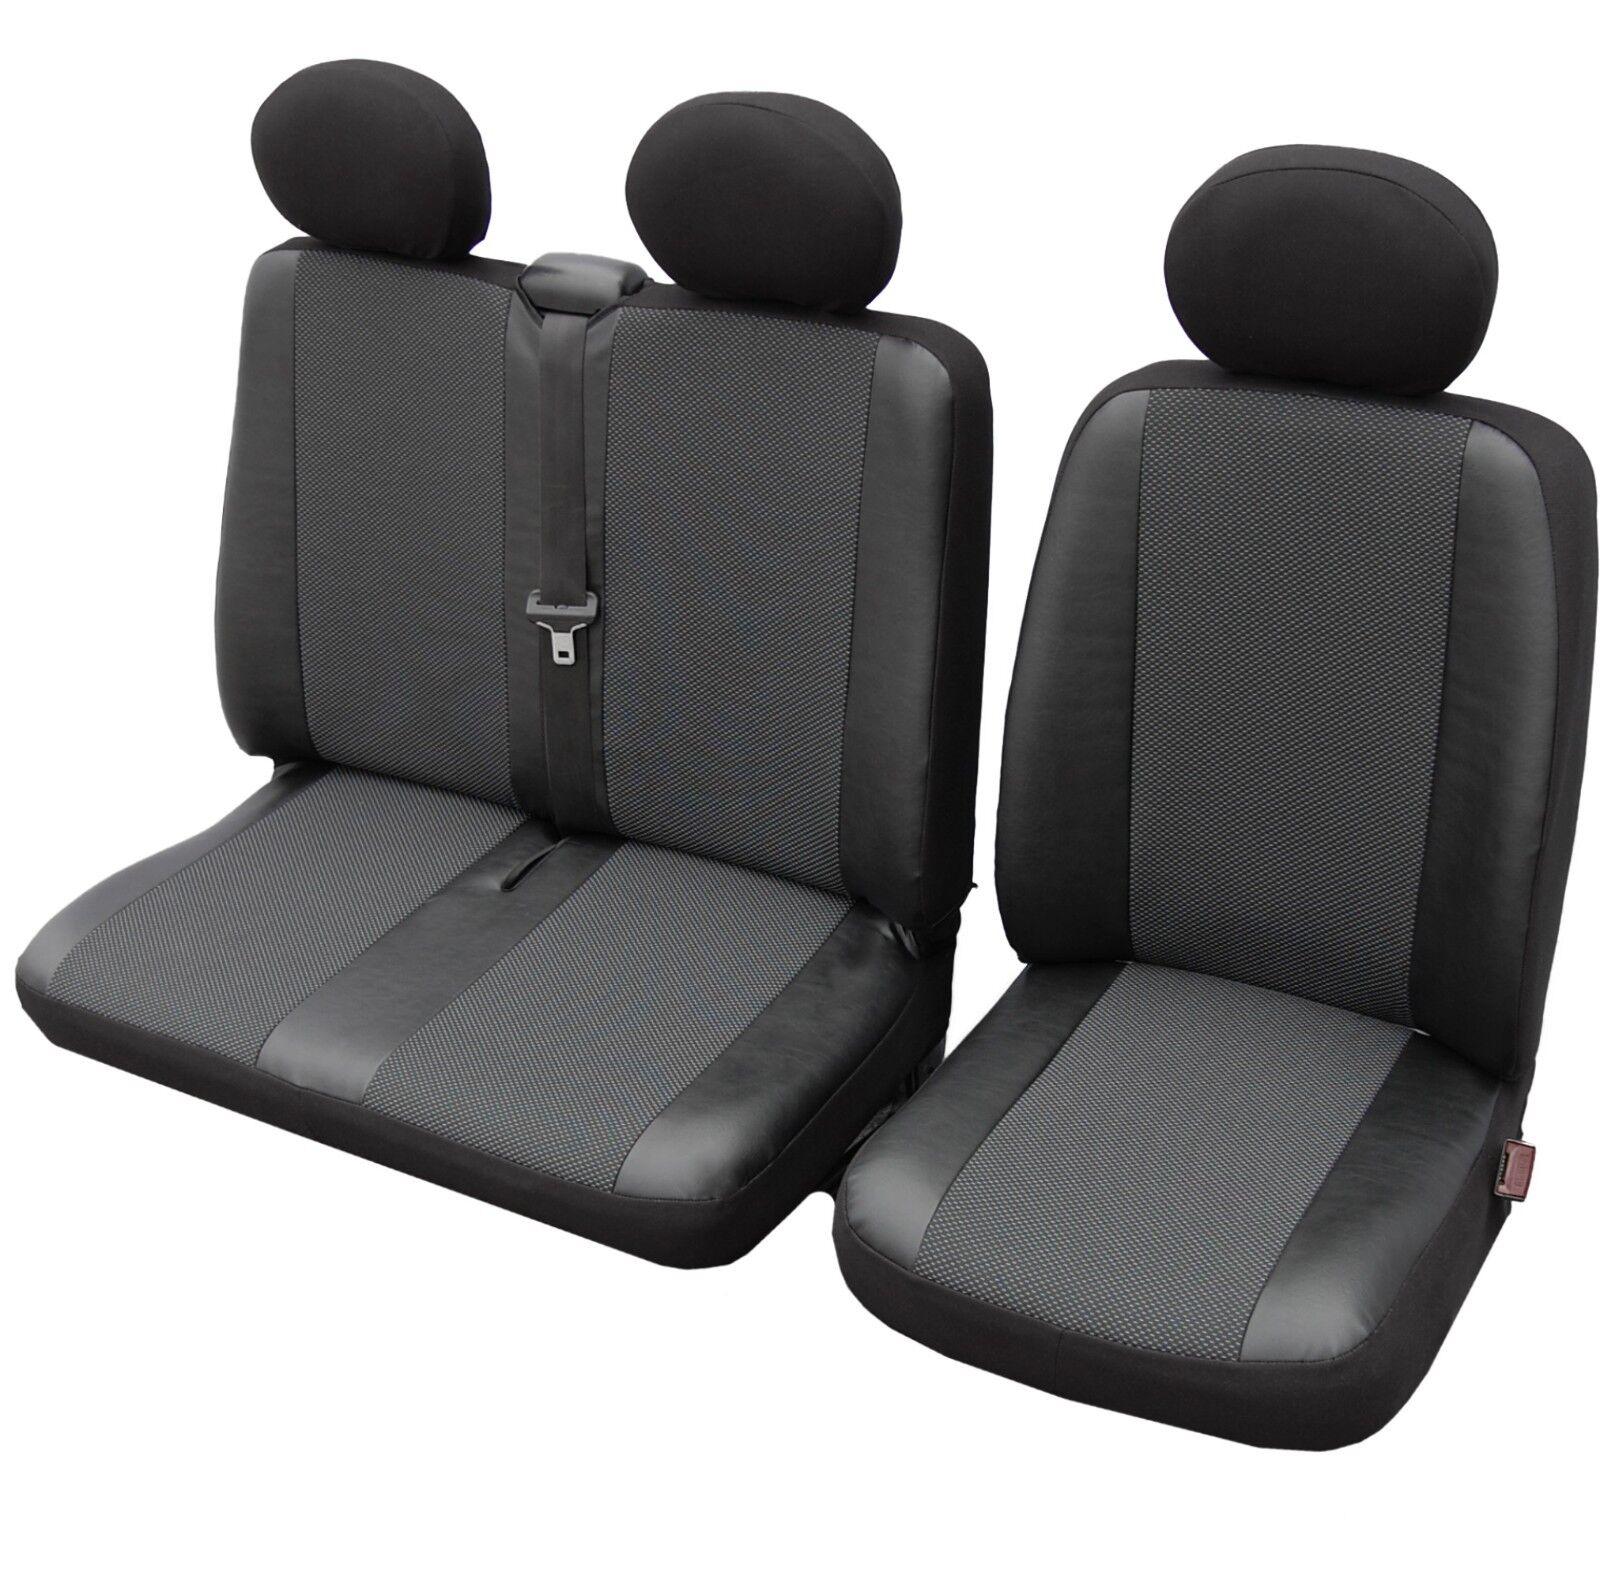 2 Bus Citroen Jumper Sitzbezüge Autositzbezüge Sitzbezug Kunstleder Elegance 1